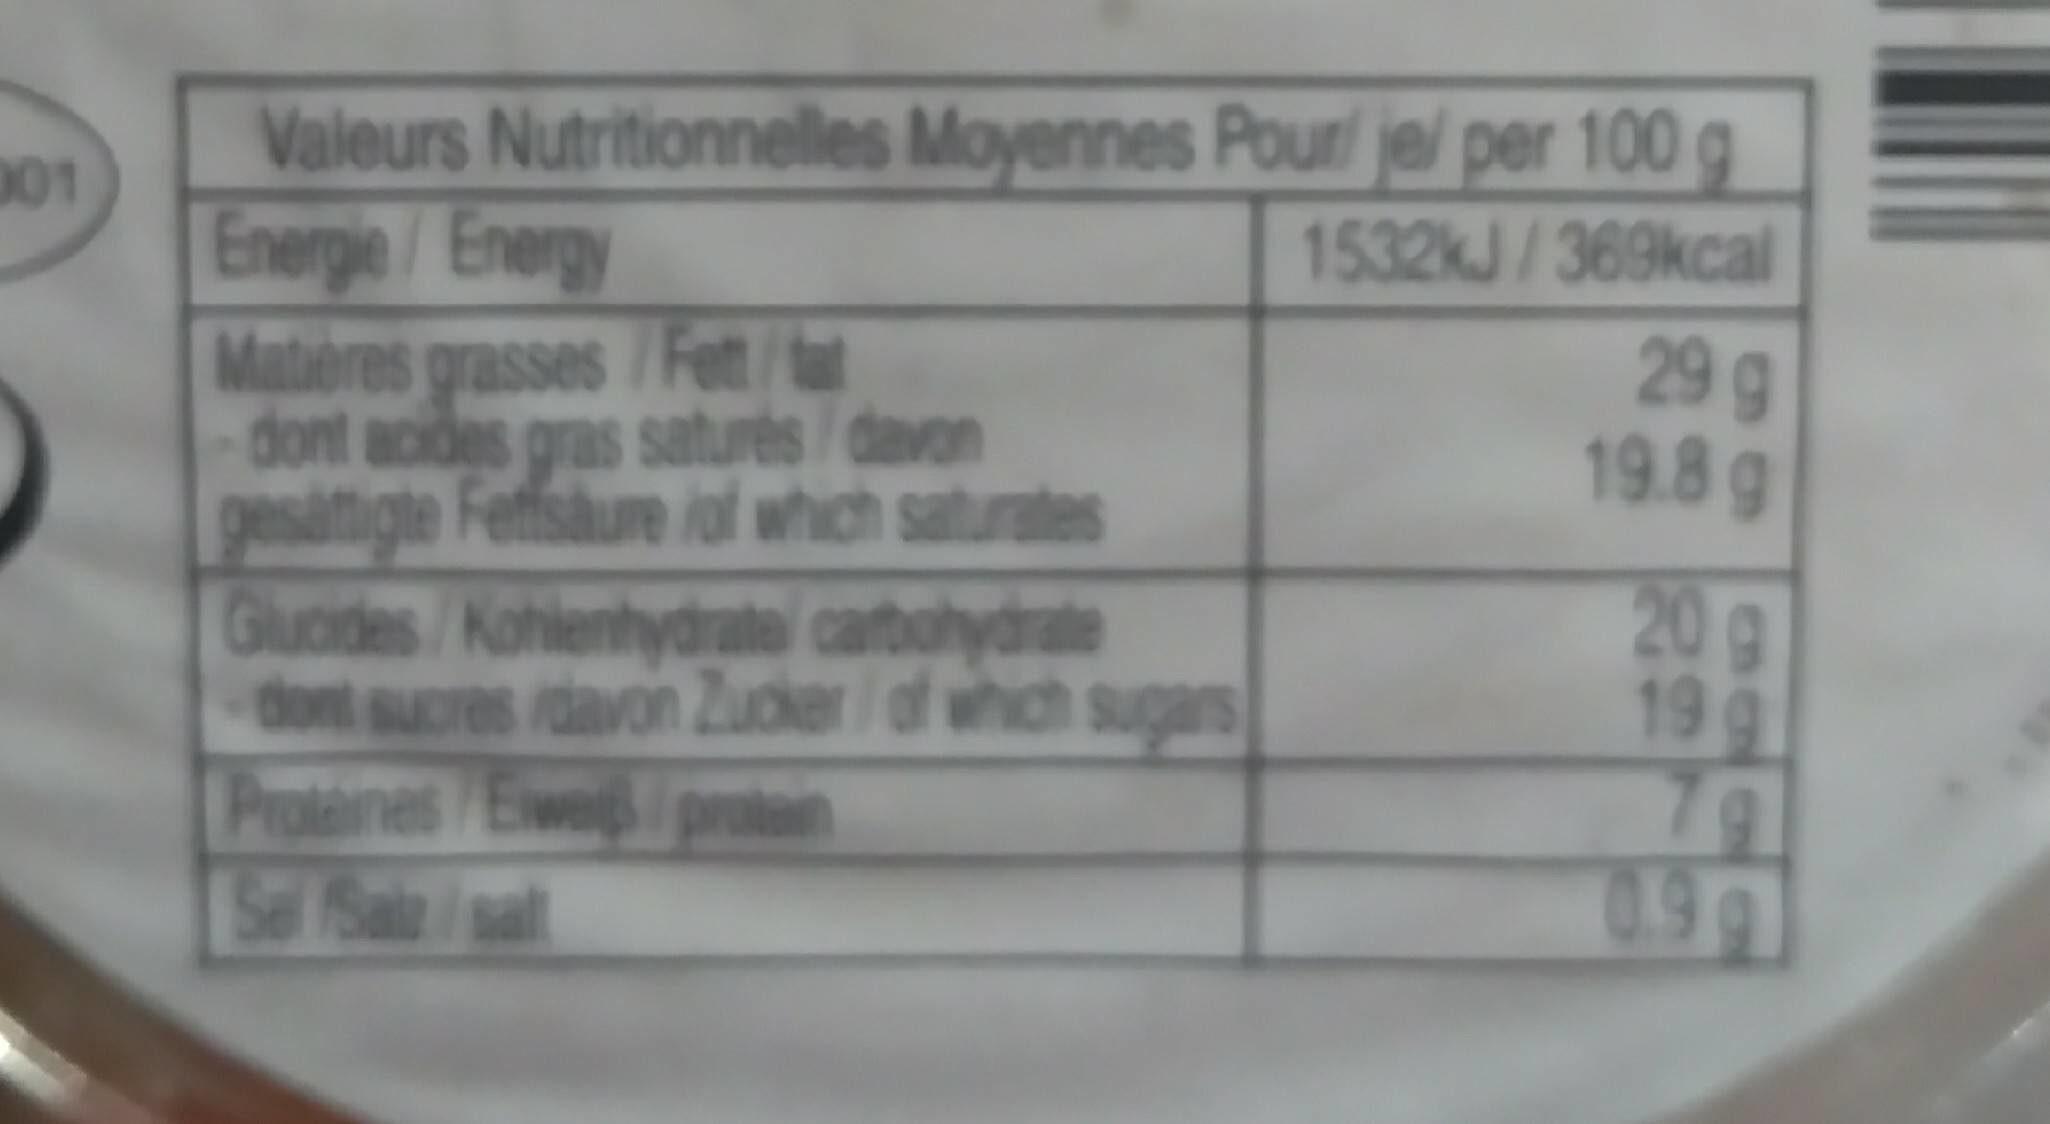 Delice a la papaye - Informations nutritionnelles - fr